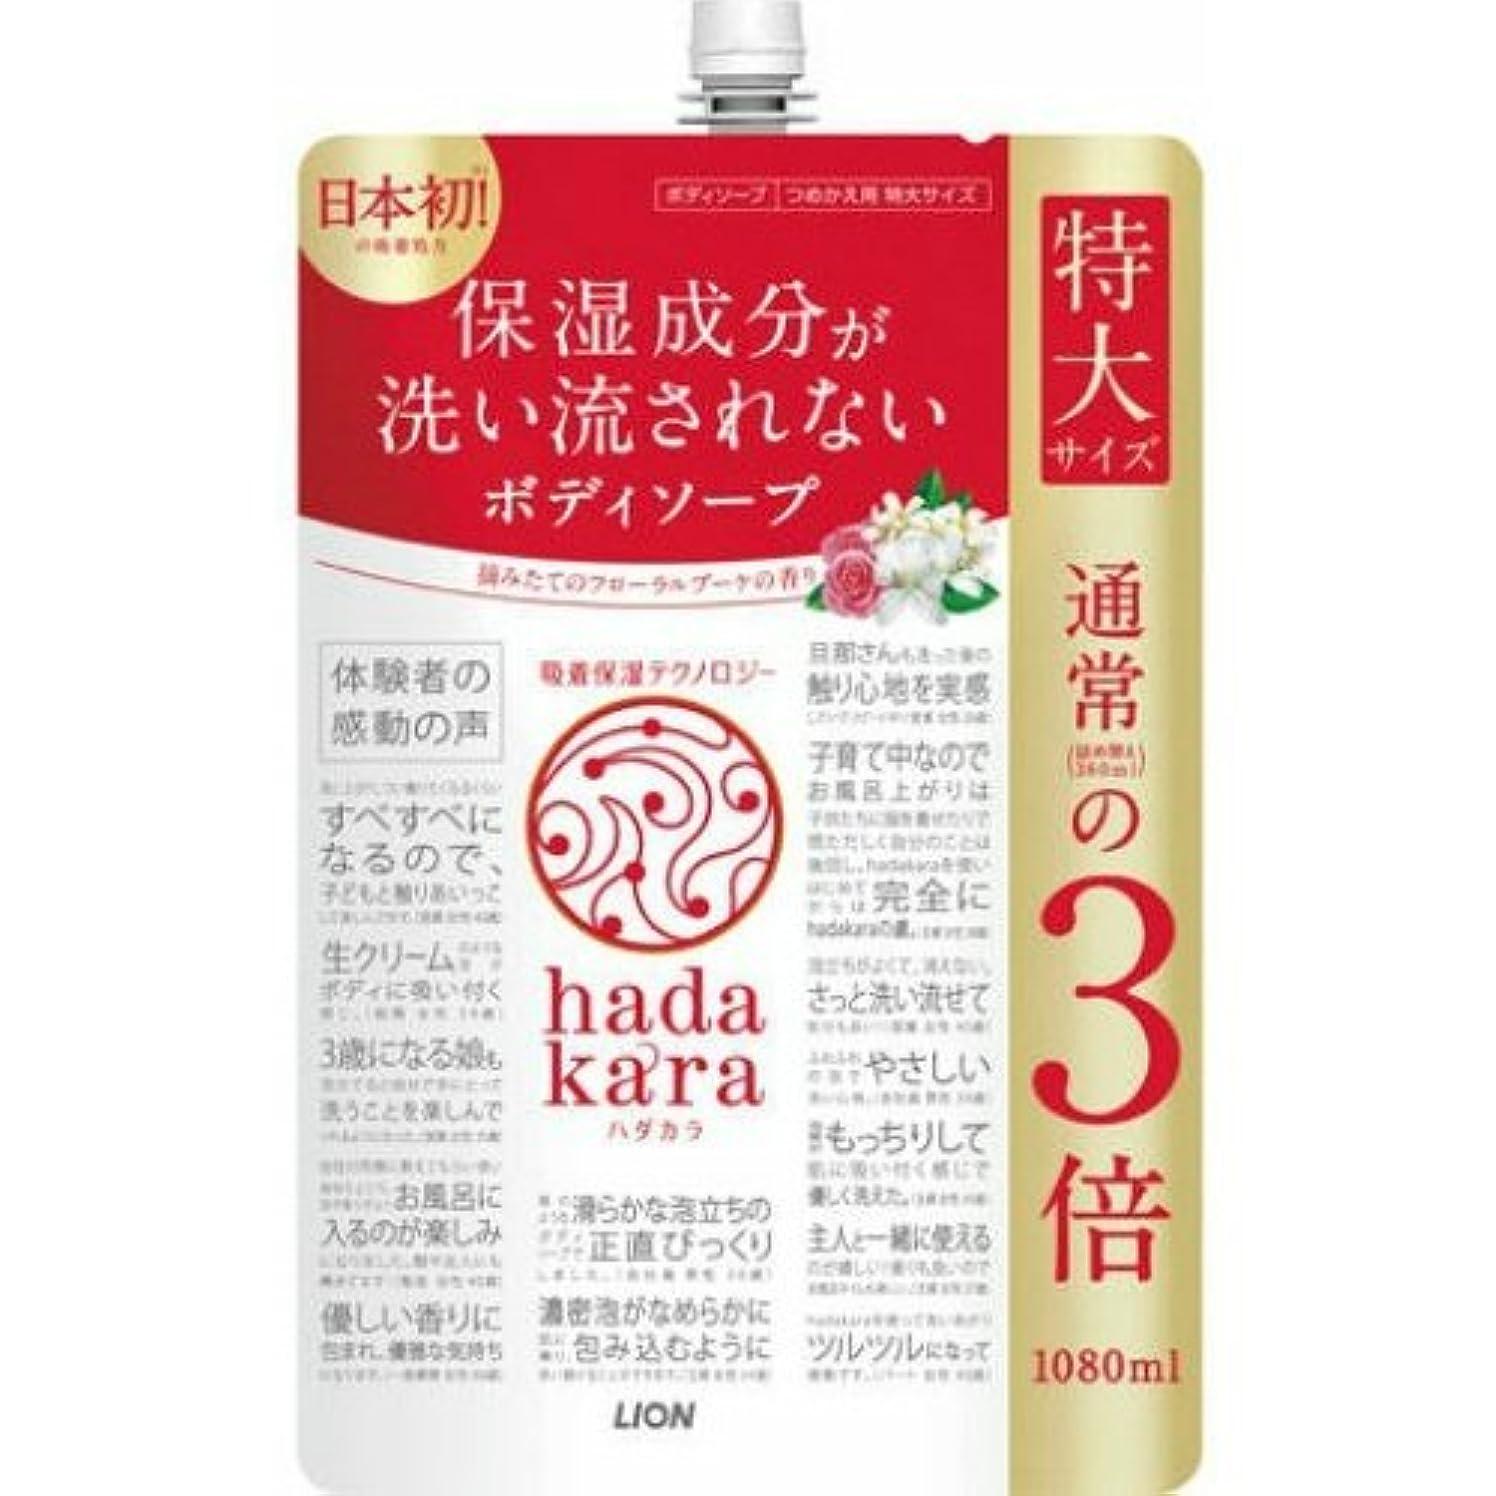 妥協口実器官LION ライオン hadakara ハダカラ ボディソープ フローラルブーケの香り つめかえ用 特大サイズ 1080ml ×3点セット(4903301260875)